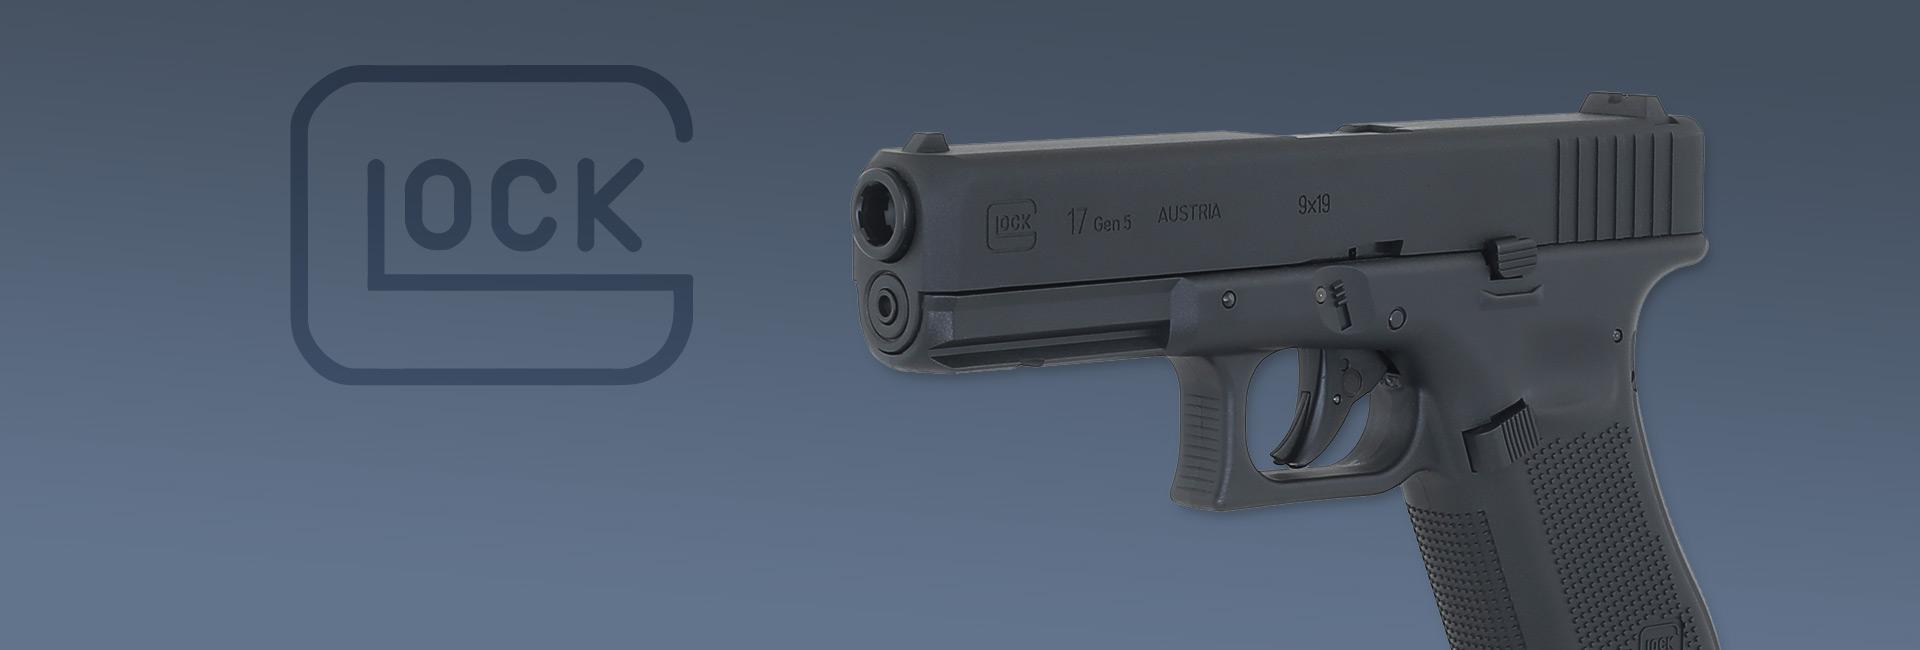 GLOCK 17 GEN5 CO2 Luftpistole